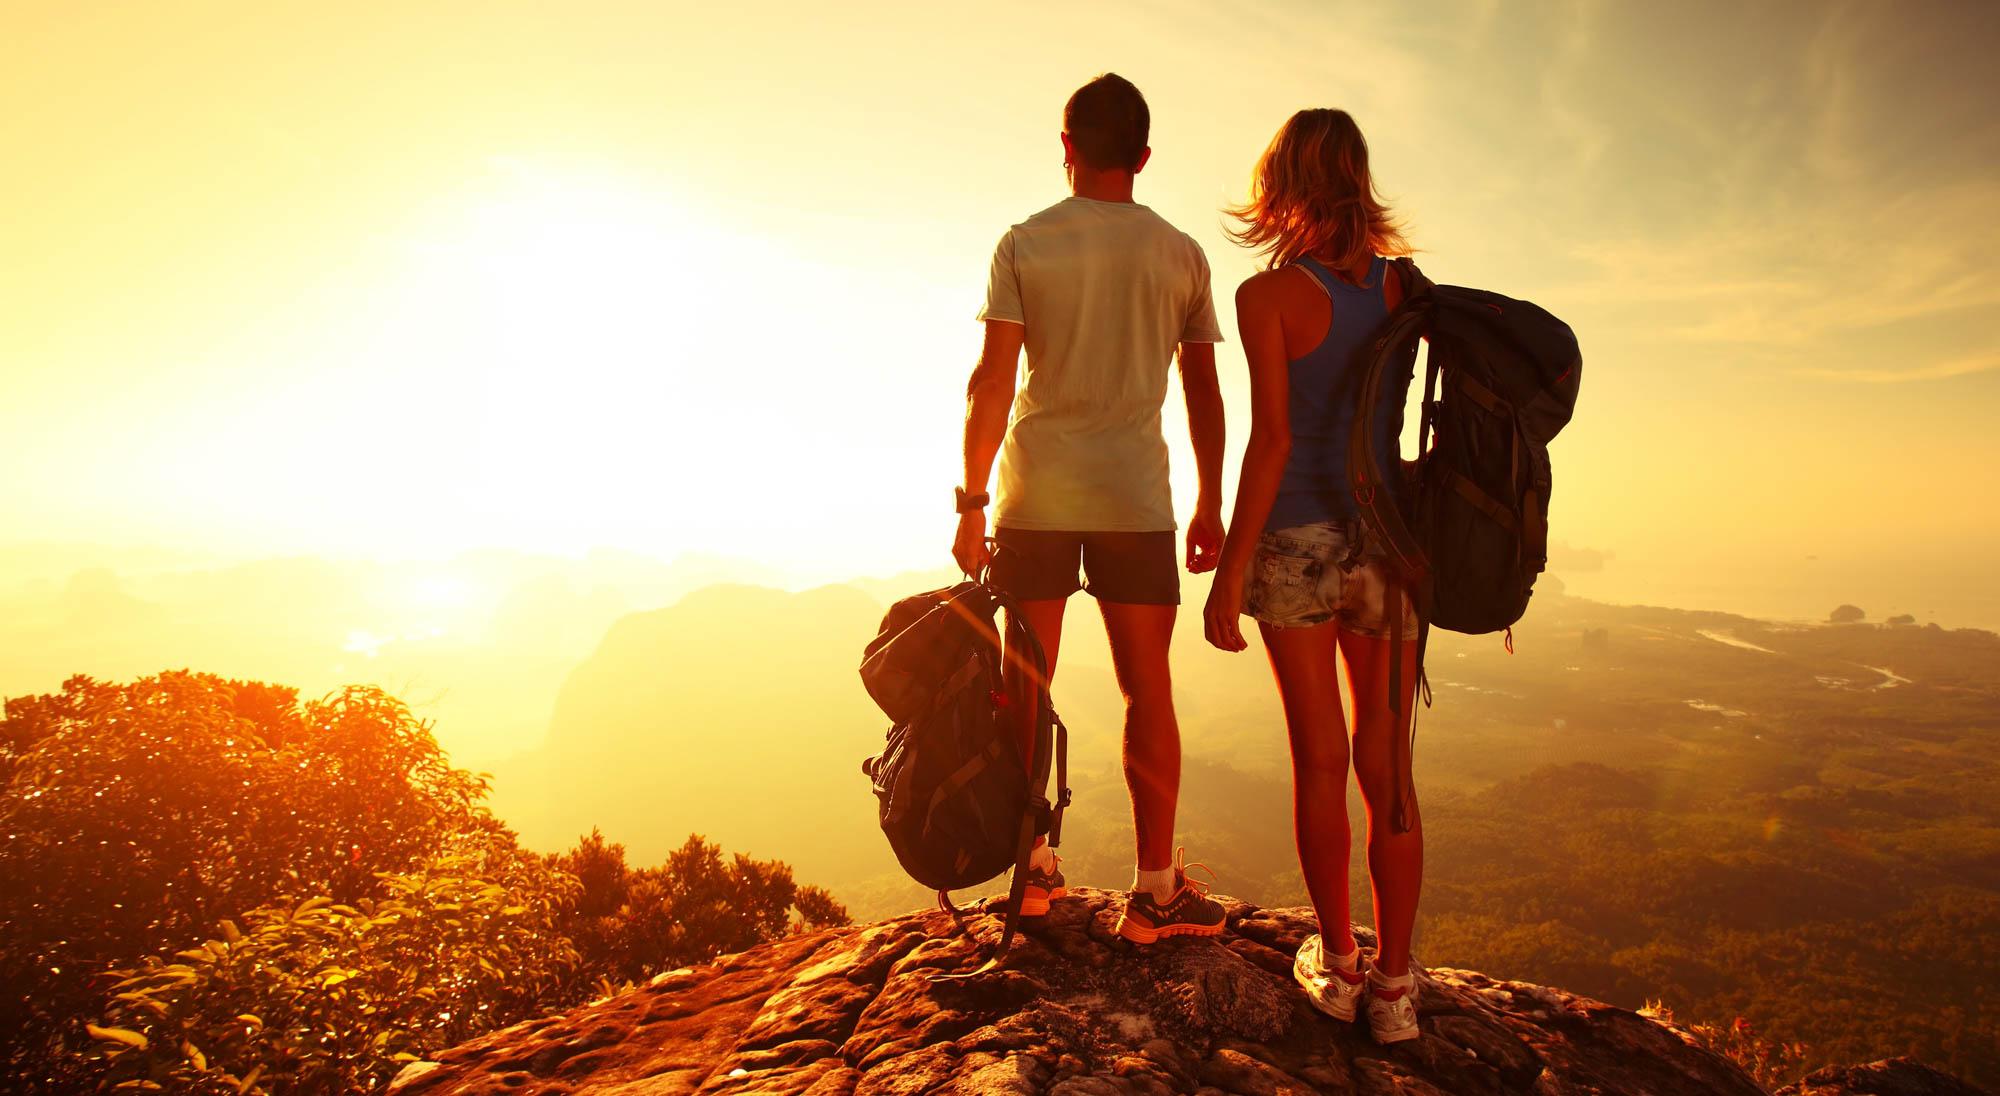 man and women goals